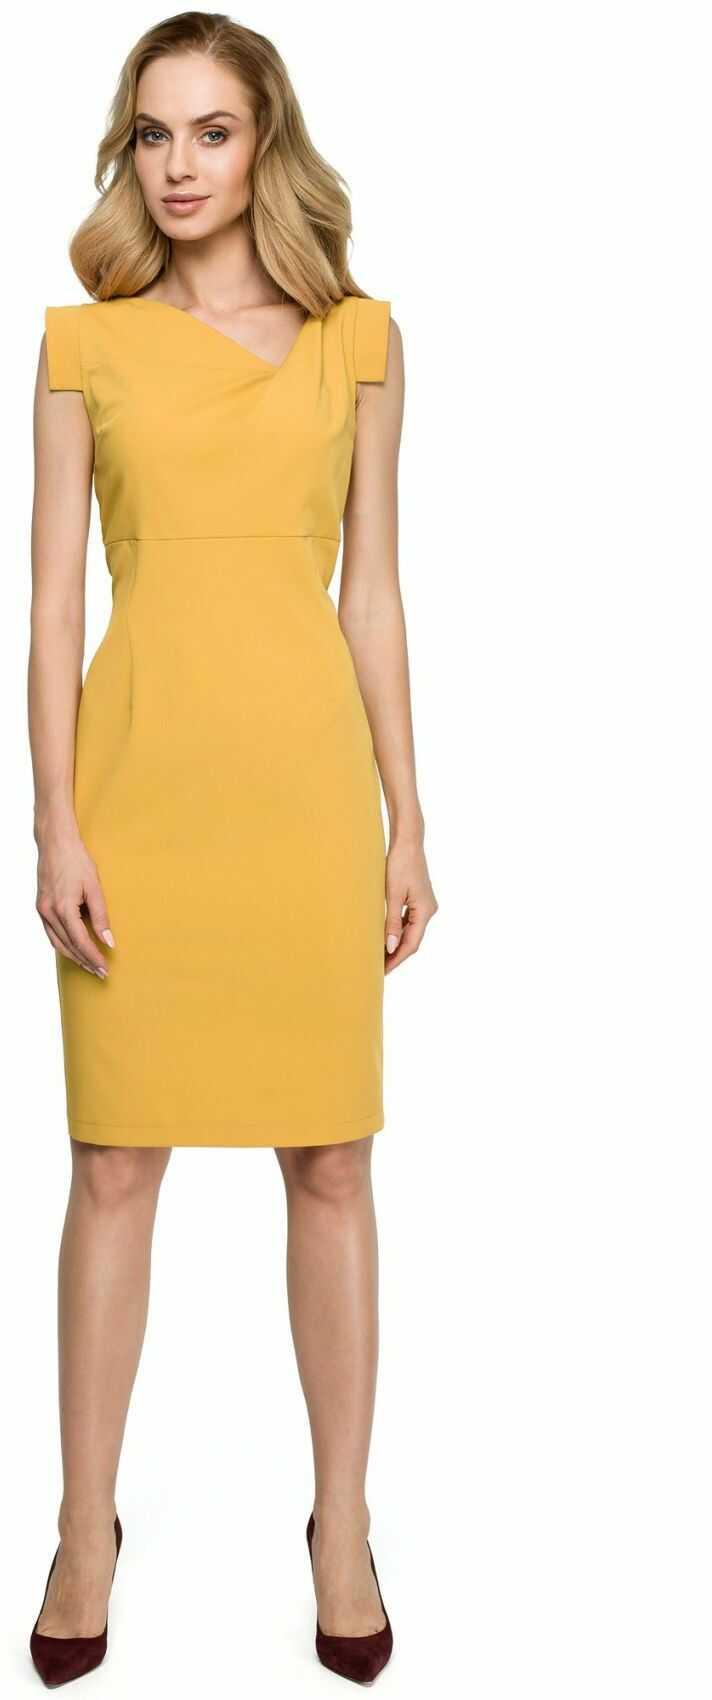 S121 Sukienka z asymetrycznym dekoltem - żółta